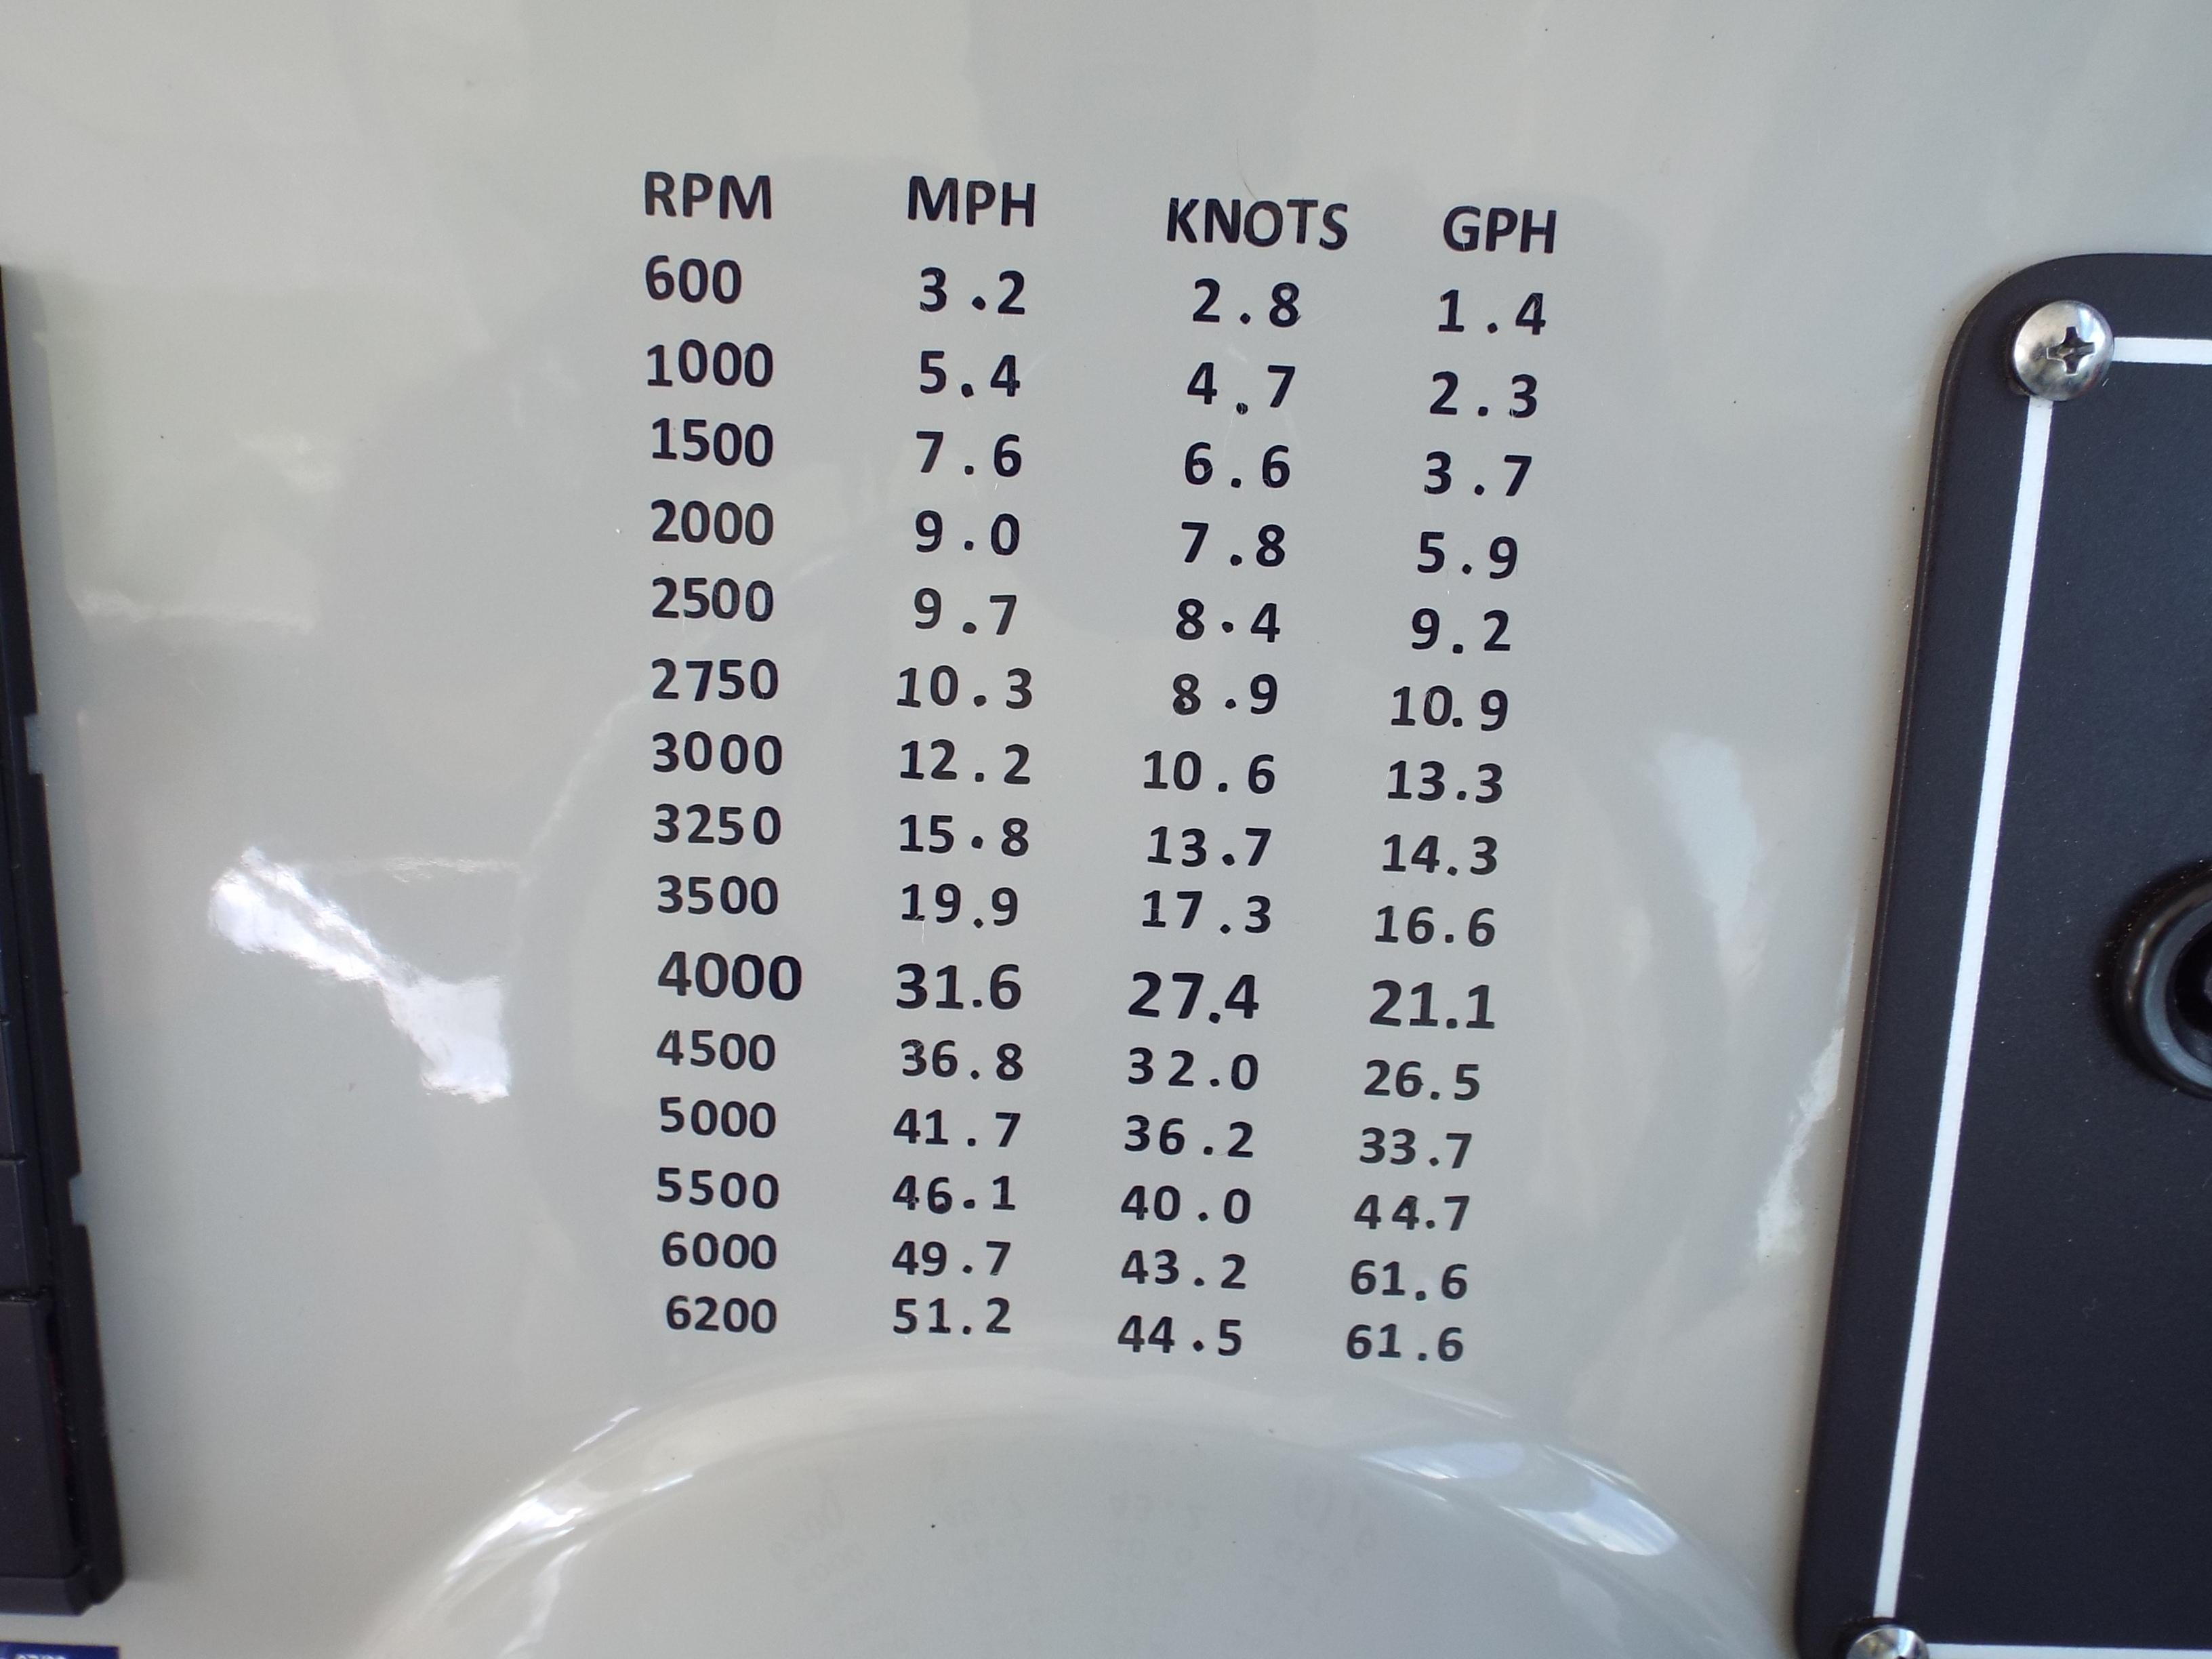 Chart for RPM/MPH/KNOTS/GPH